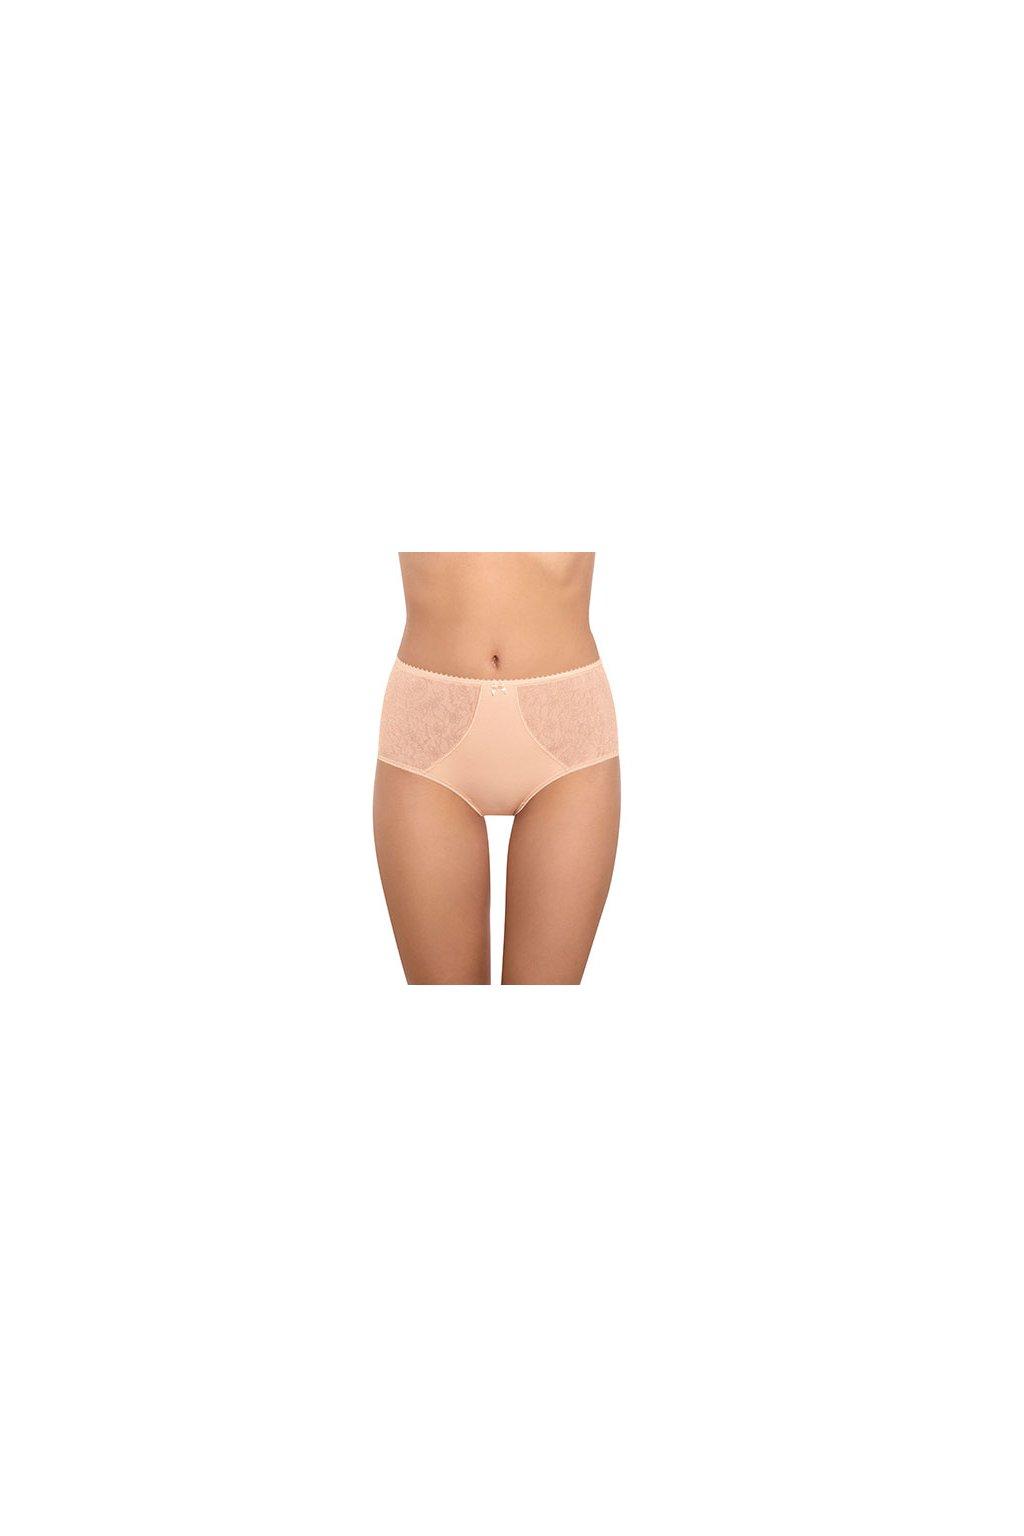 Dámské kalhotky, 100129 115, lososová